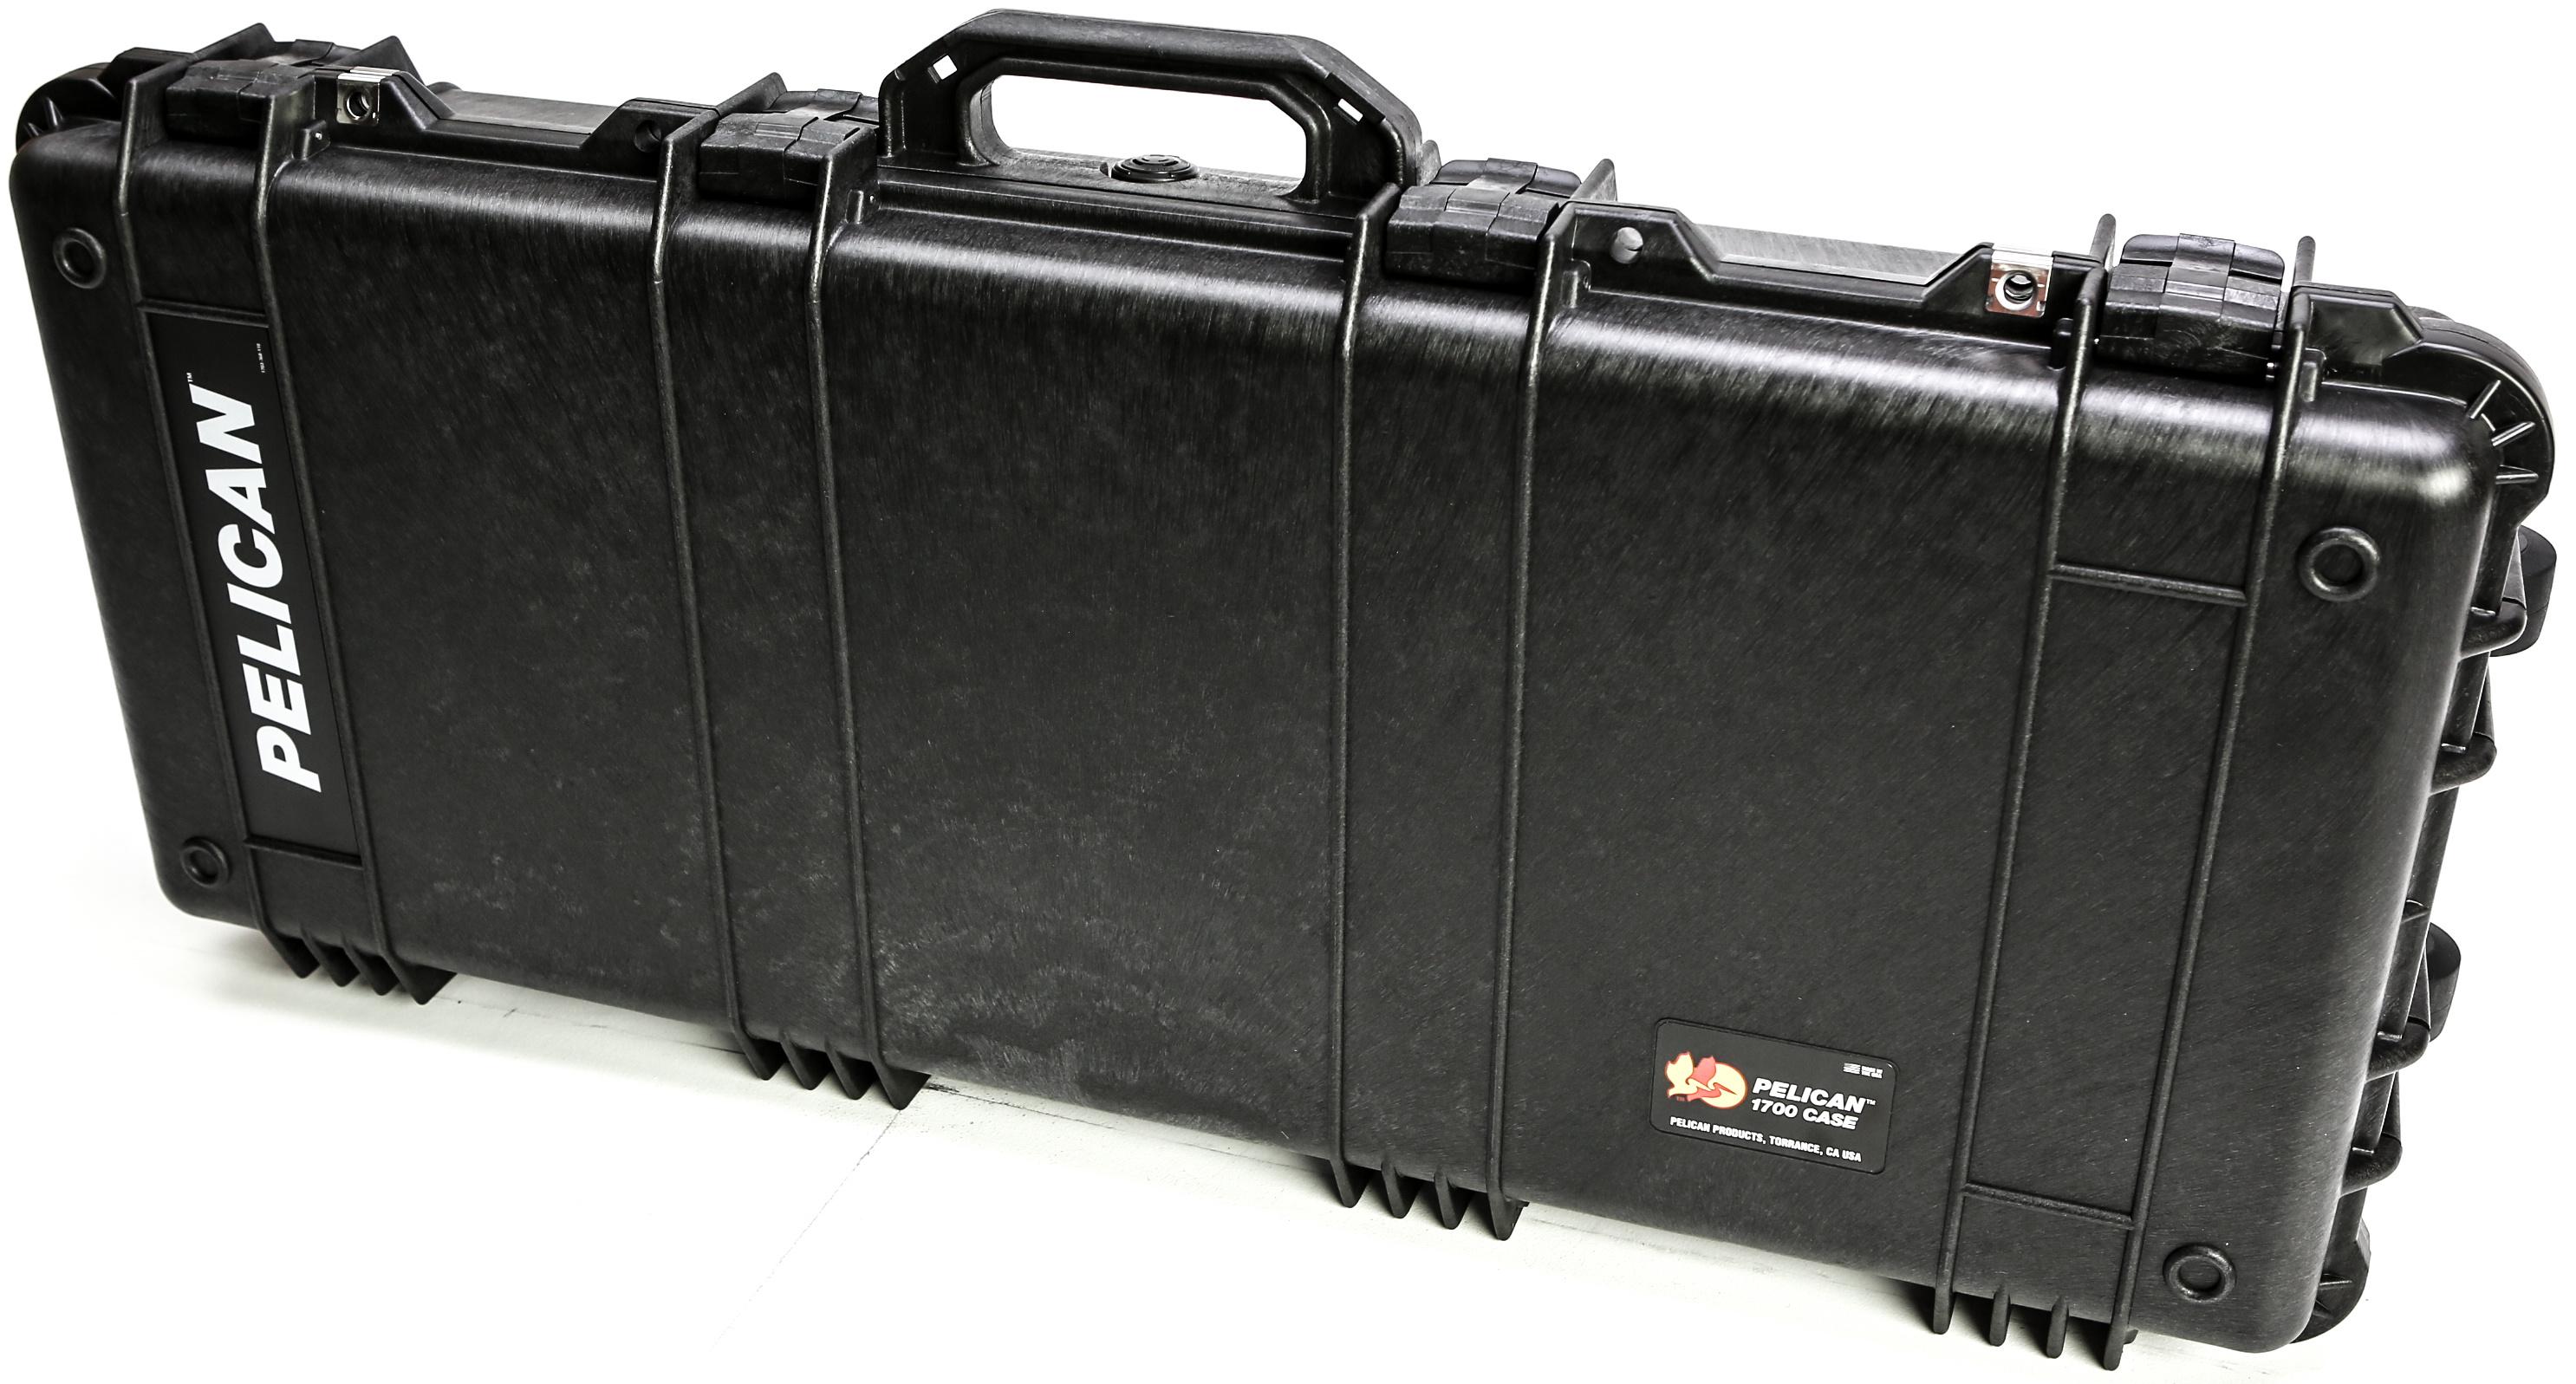 Pelican 1700 Long Case without Foam (Black)